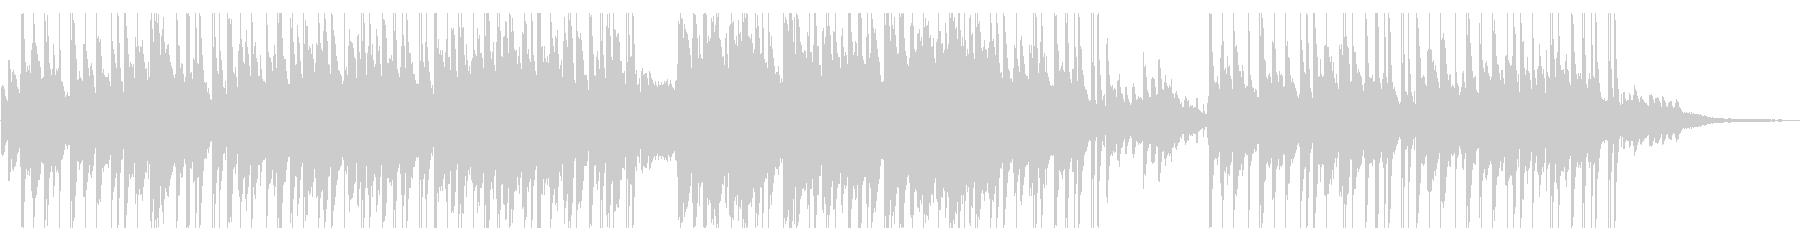 切ないピアノメインのHIPHOP風の未再生の波形